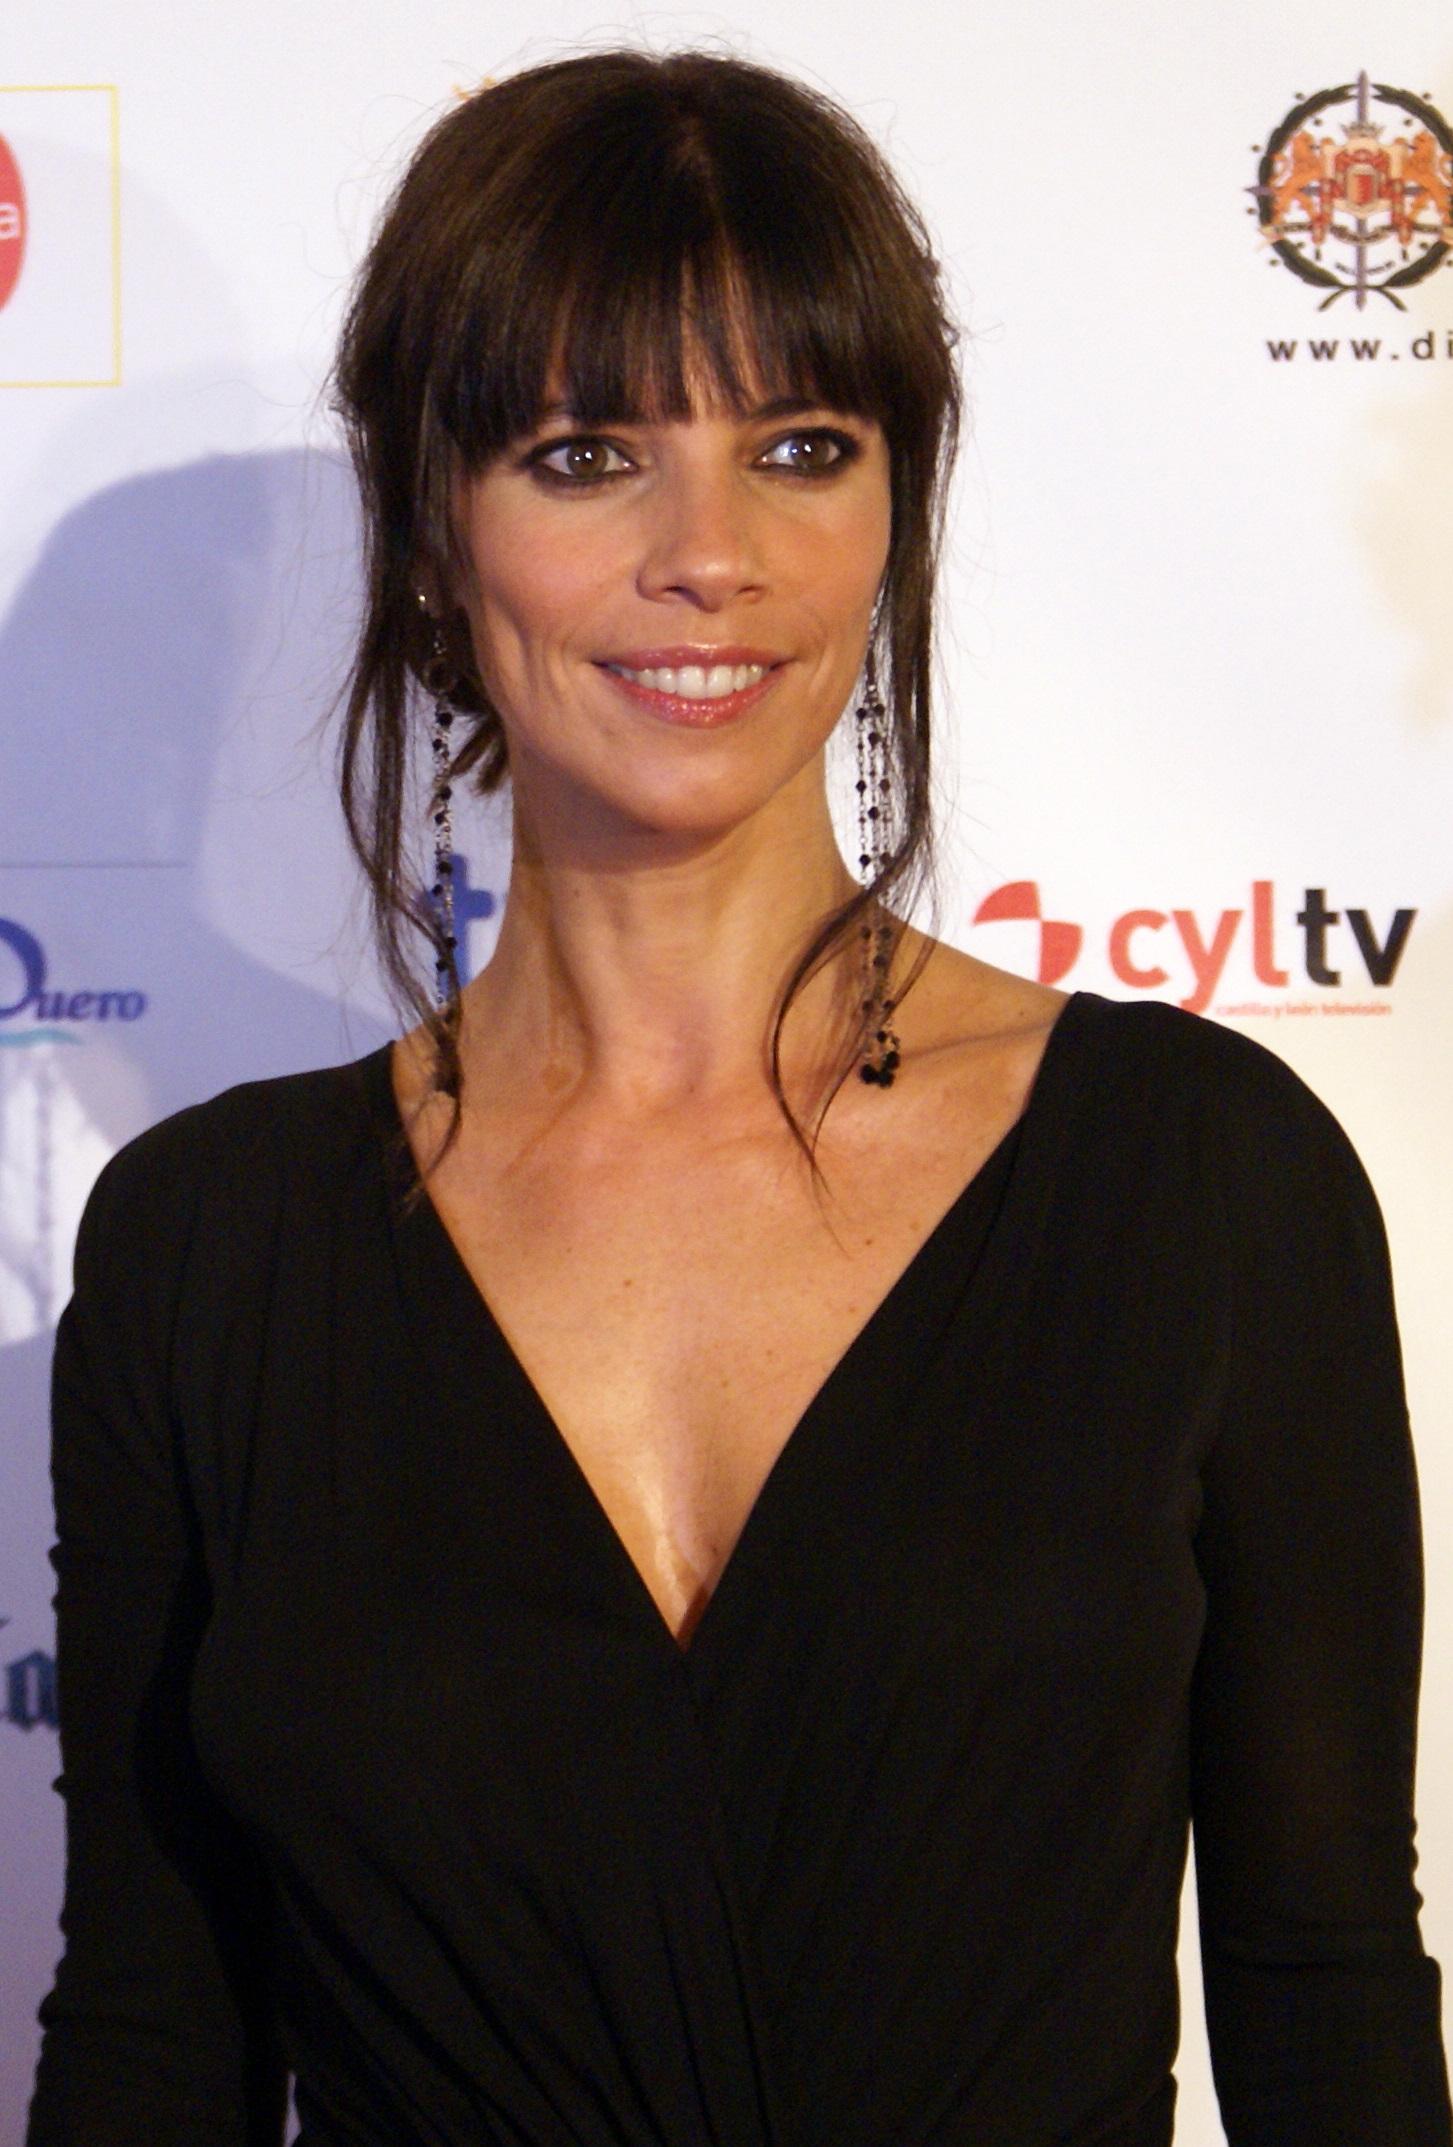 Anabel Verdu maribel verdú - viquipèdia, l'enciclopèdia lliure